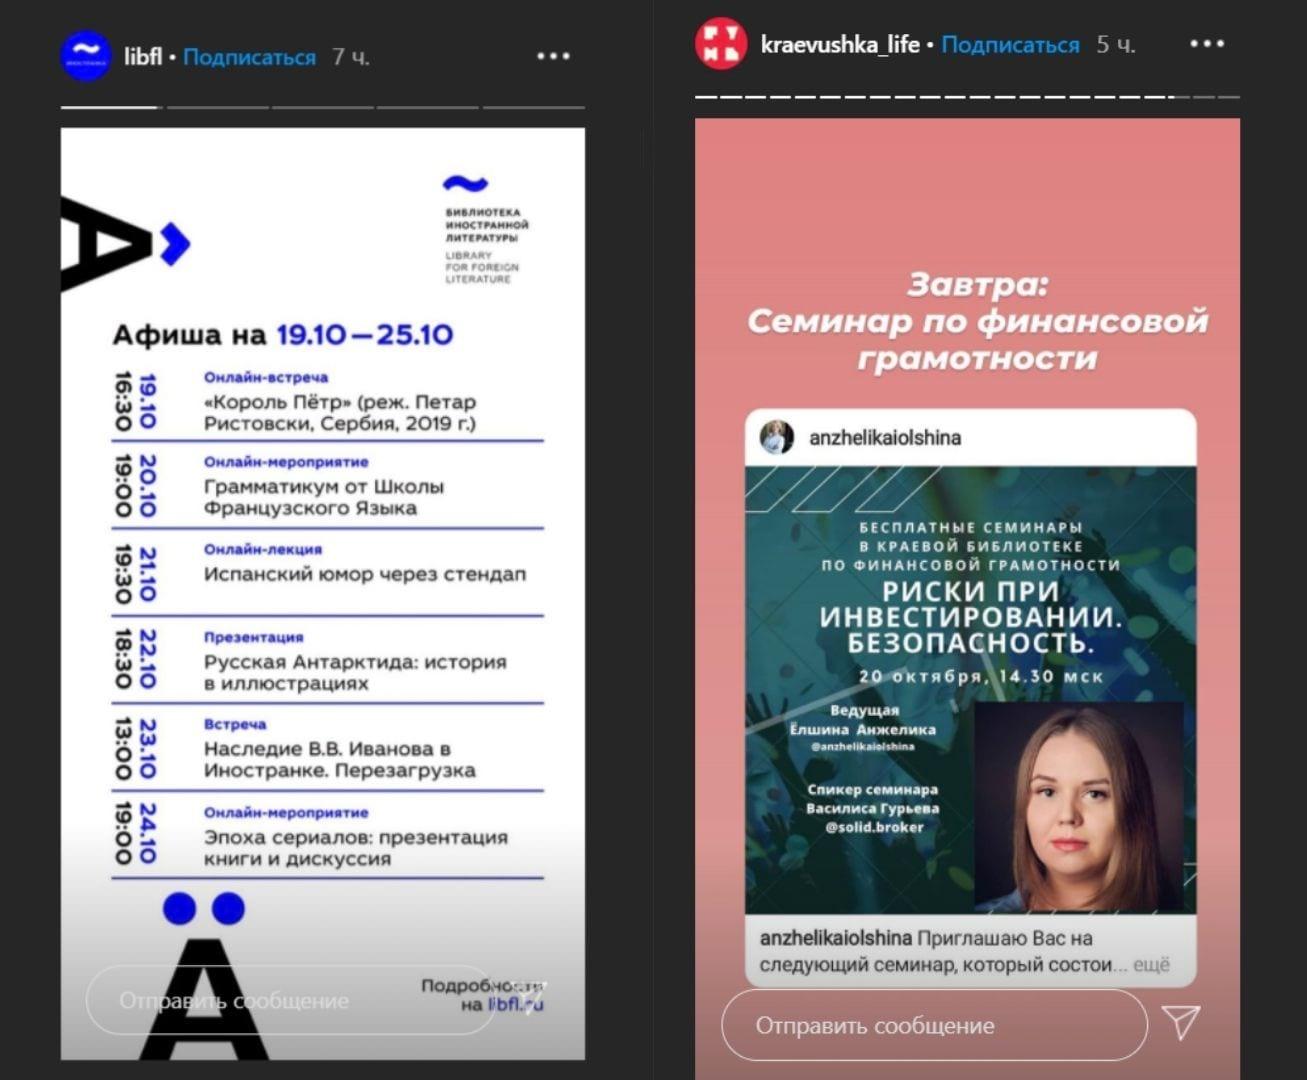 Анонсы в сторис от Иностранки и Библиотеке Красноярского края